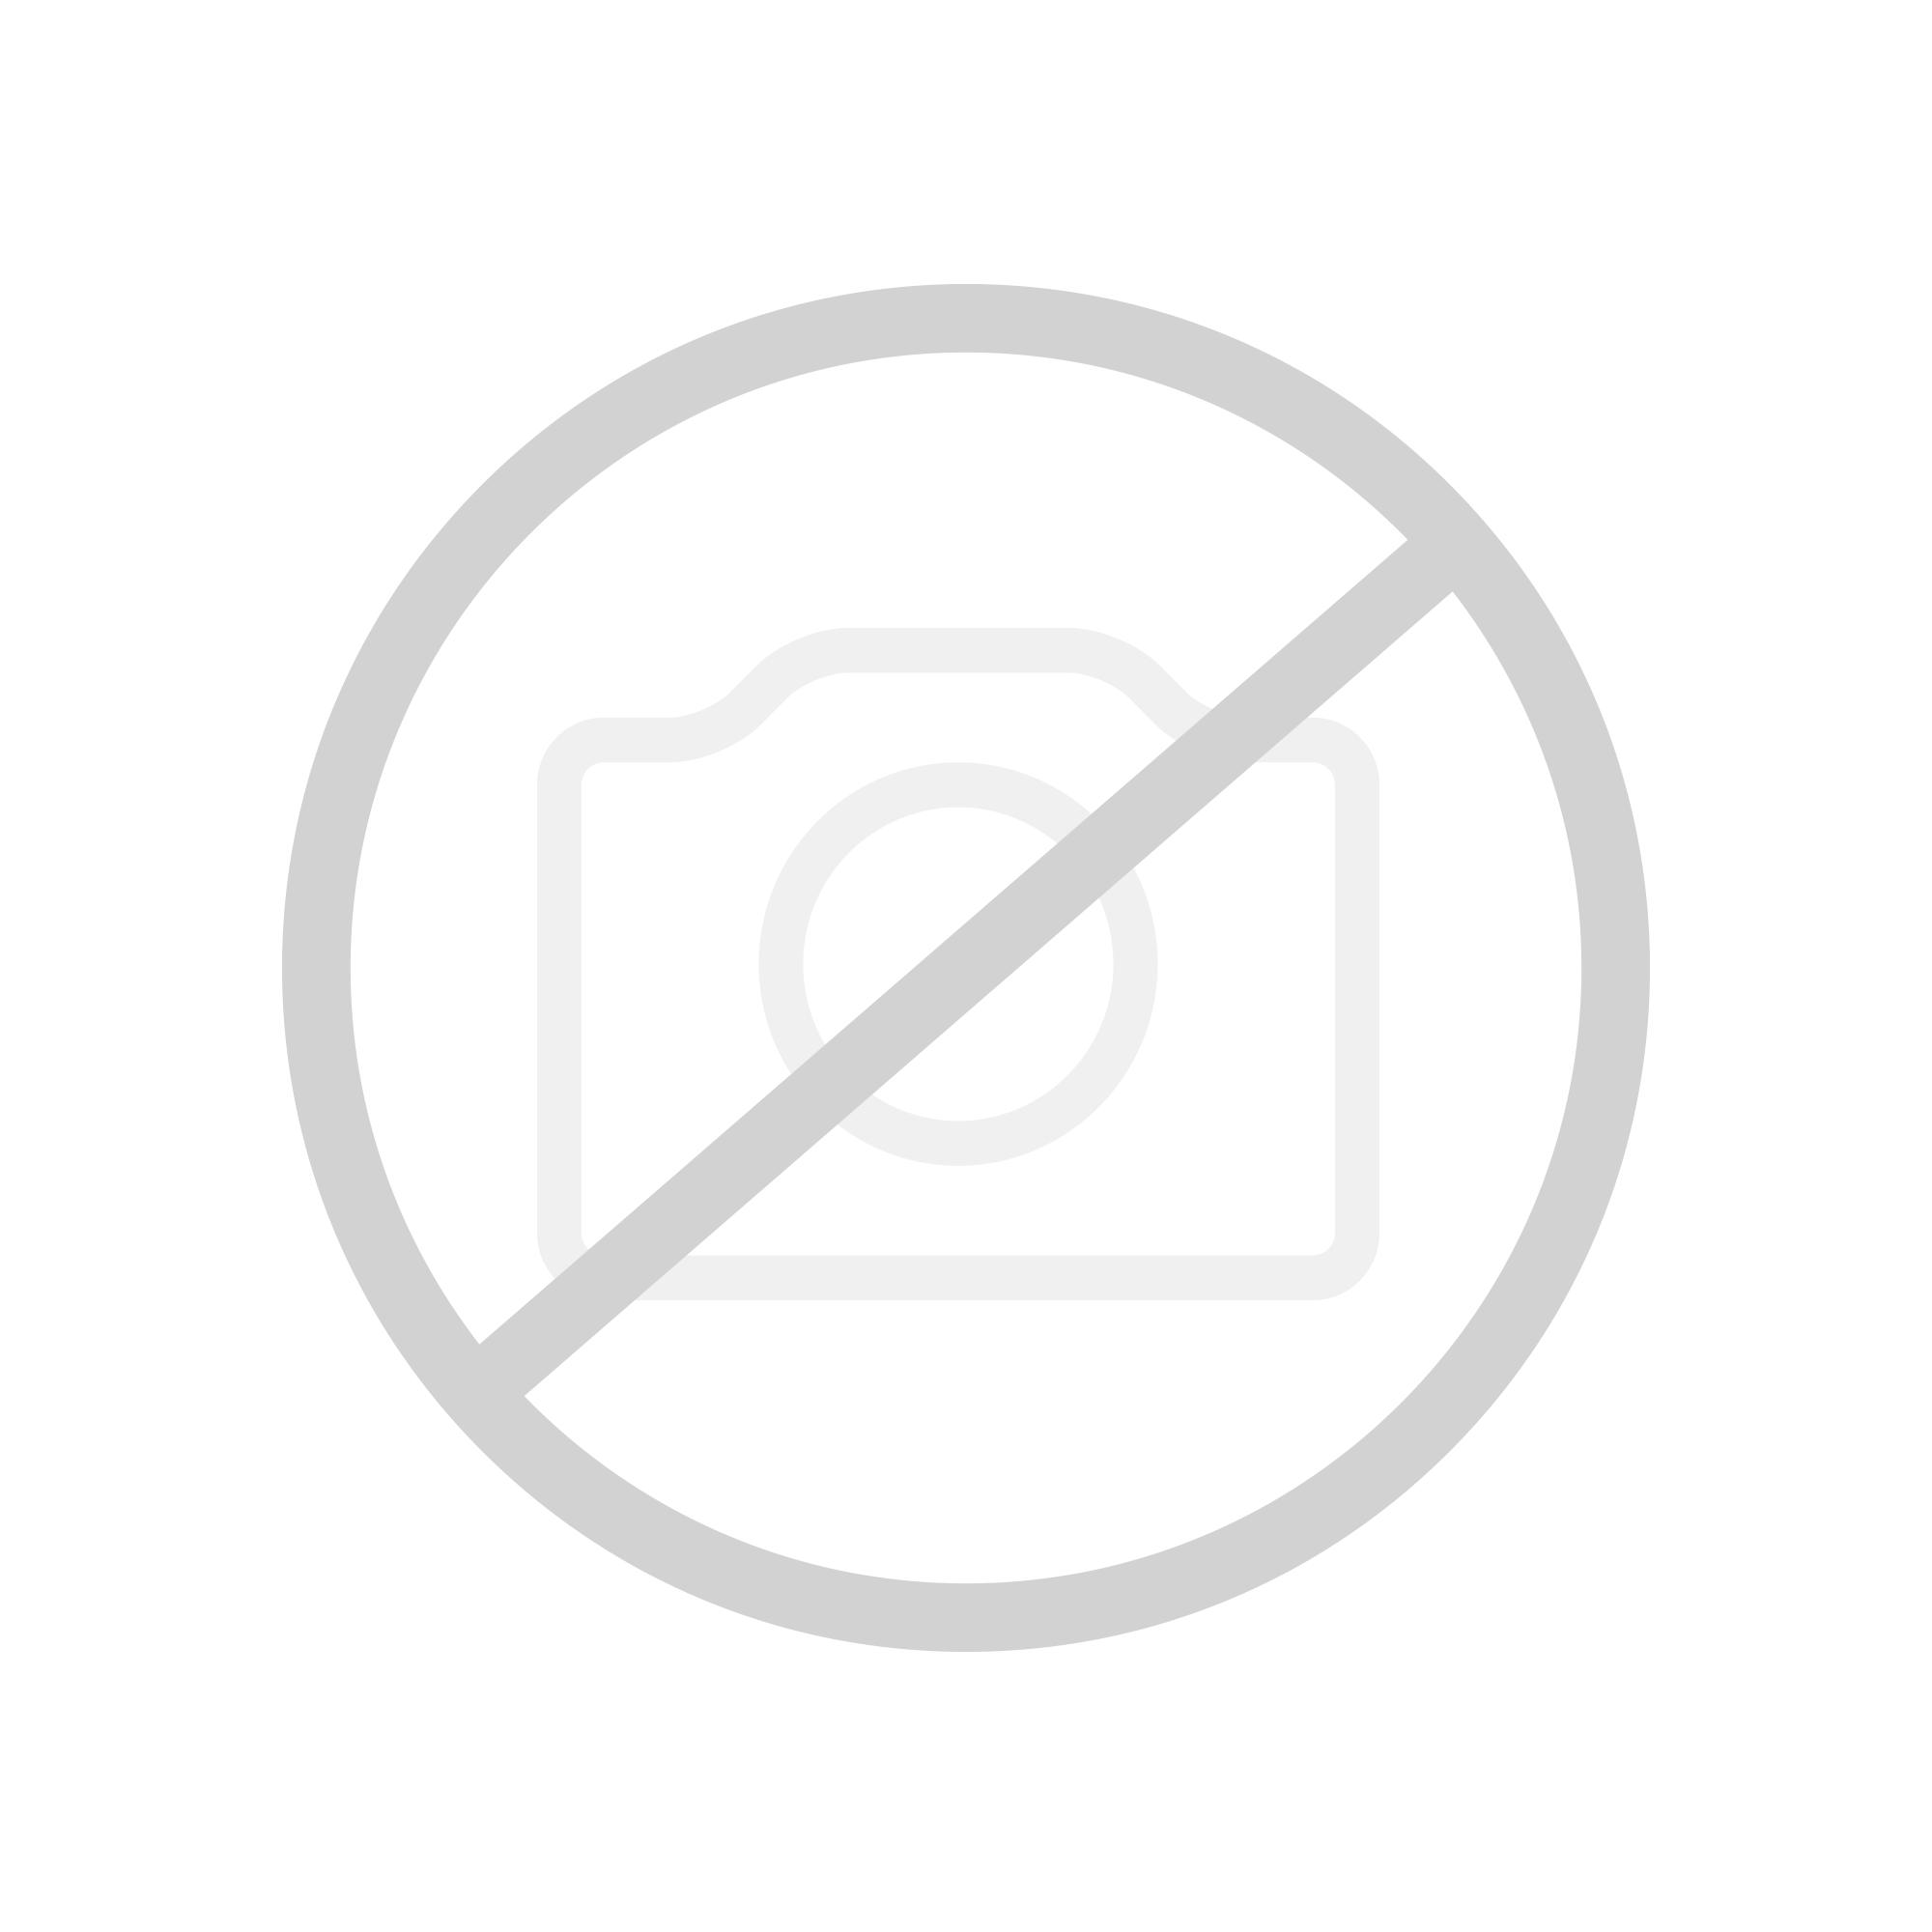 DOVB Waschtisch-Wand-Einhandbatterie, Mischer rechts 3580697090